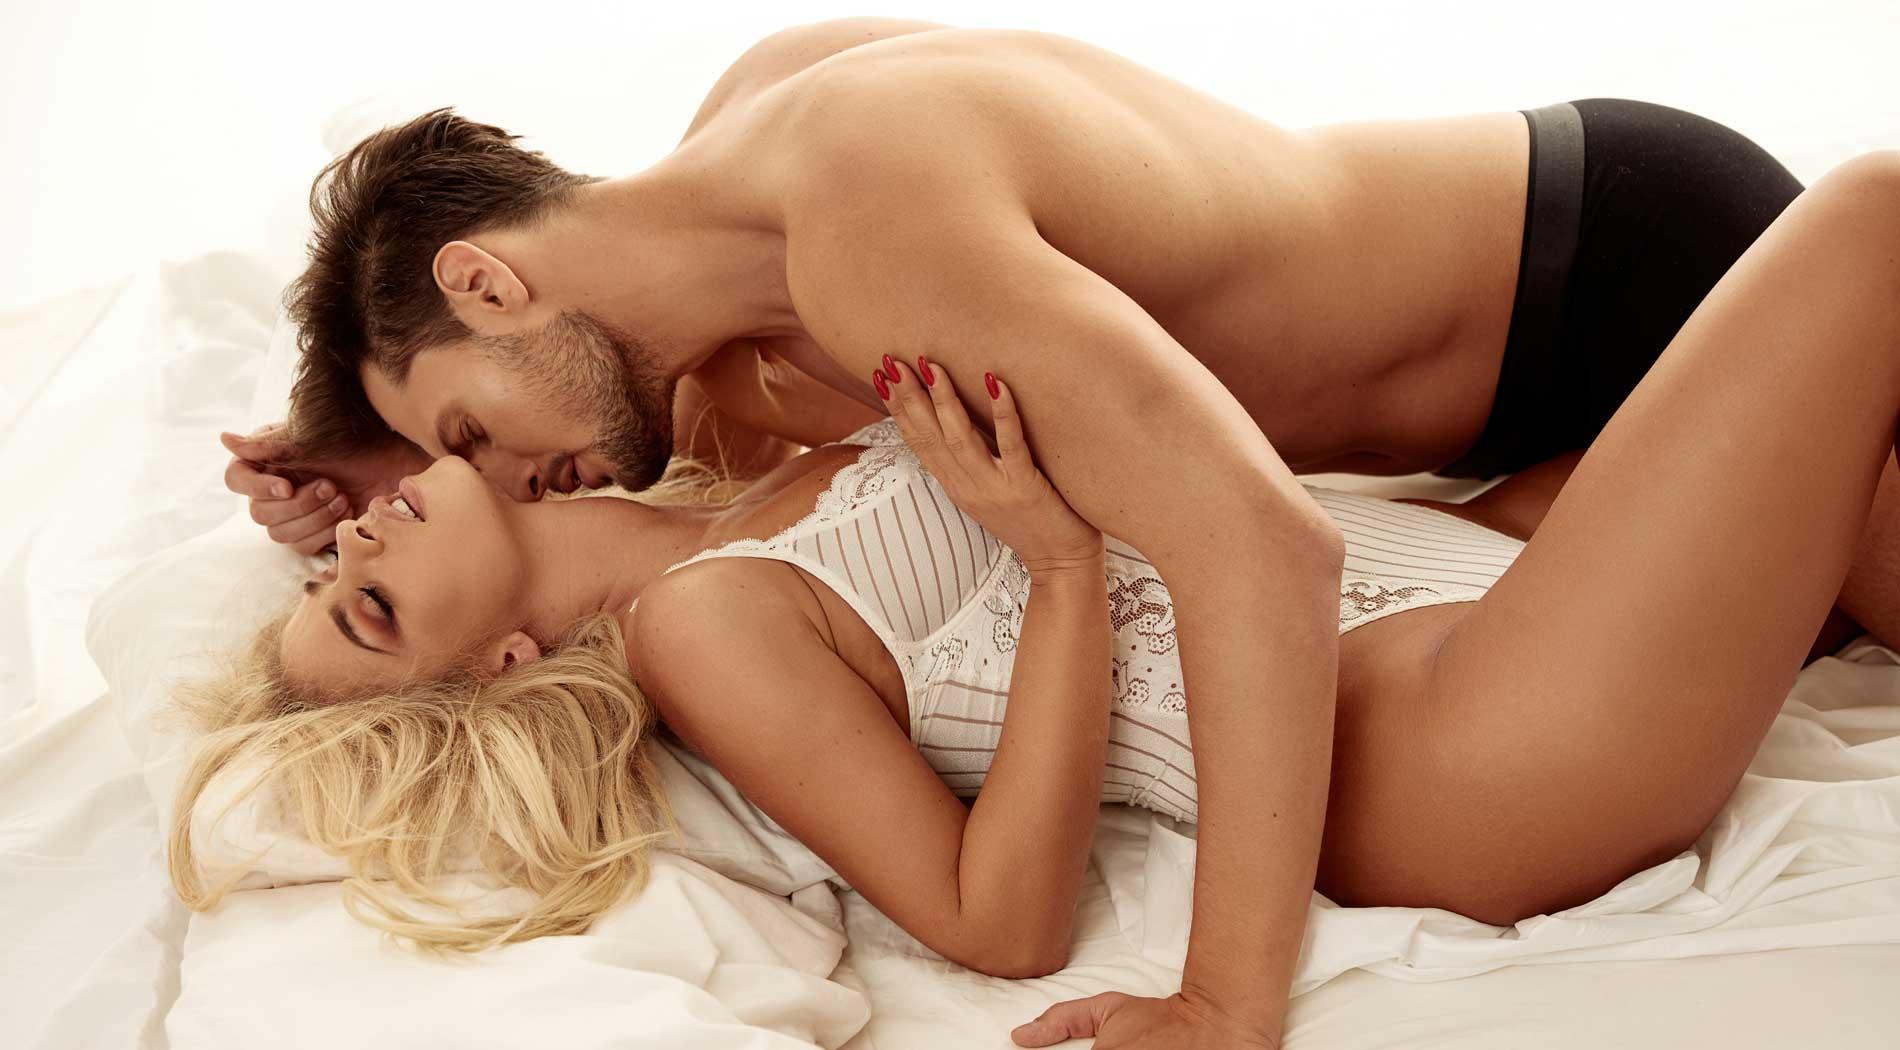 Sesso romantico:  che cos'è e come si fa?